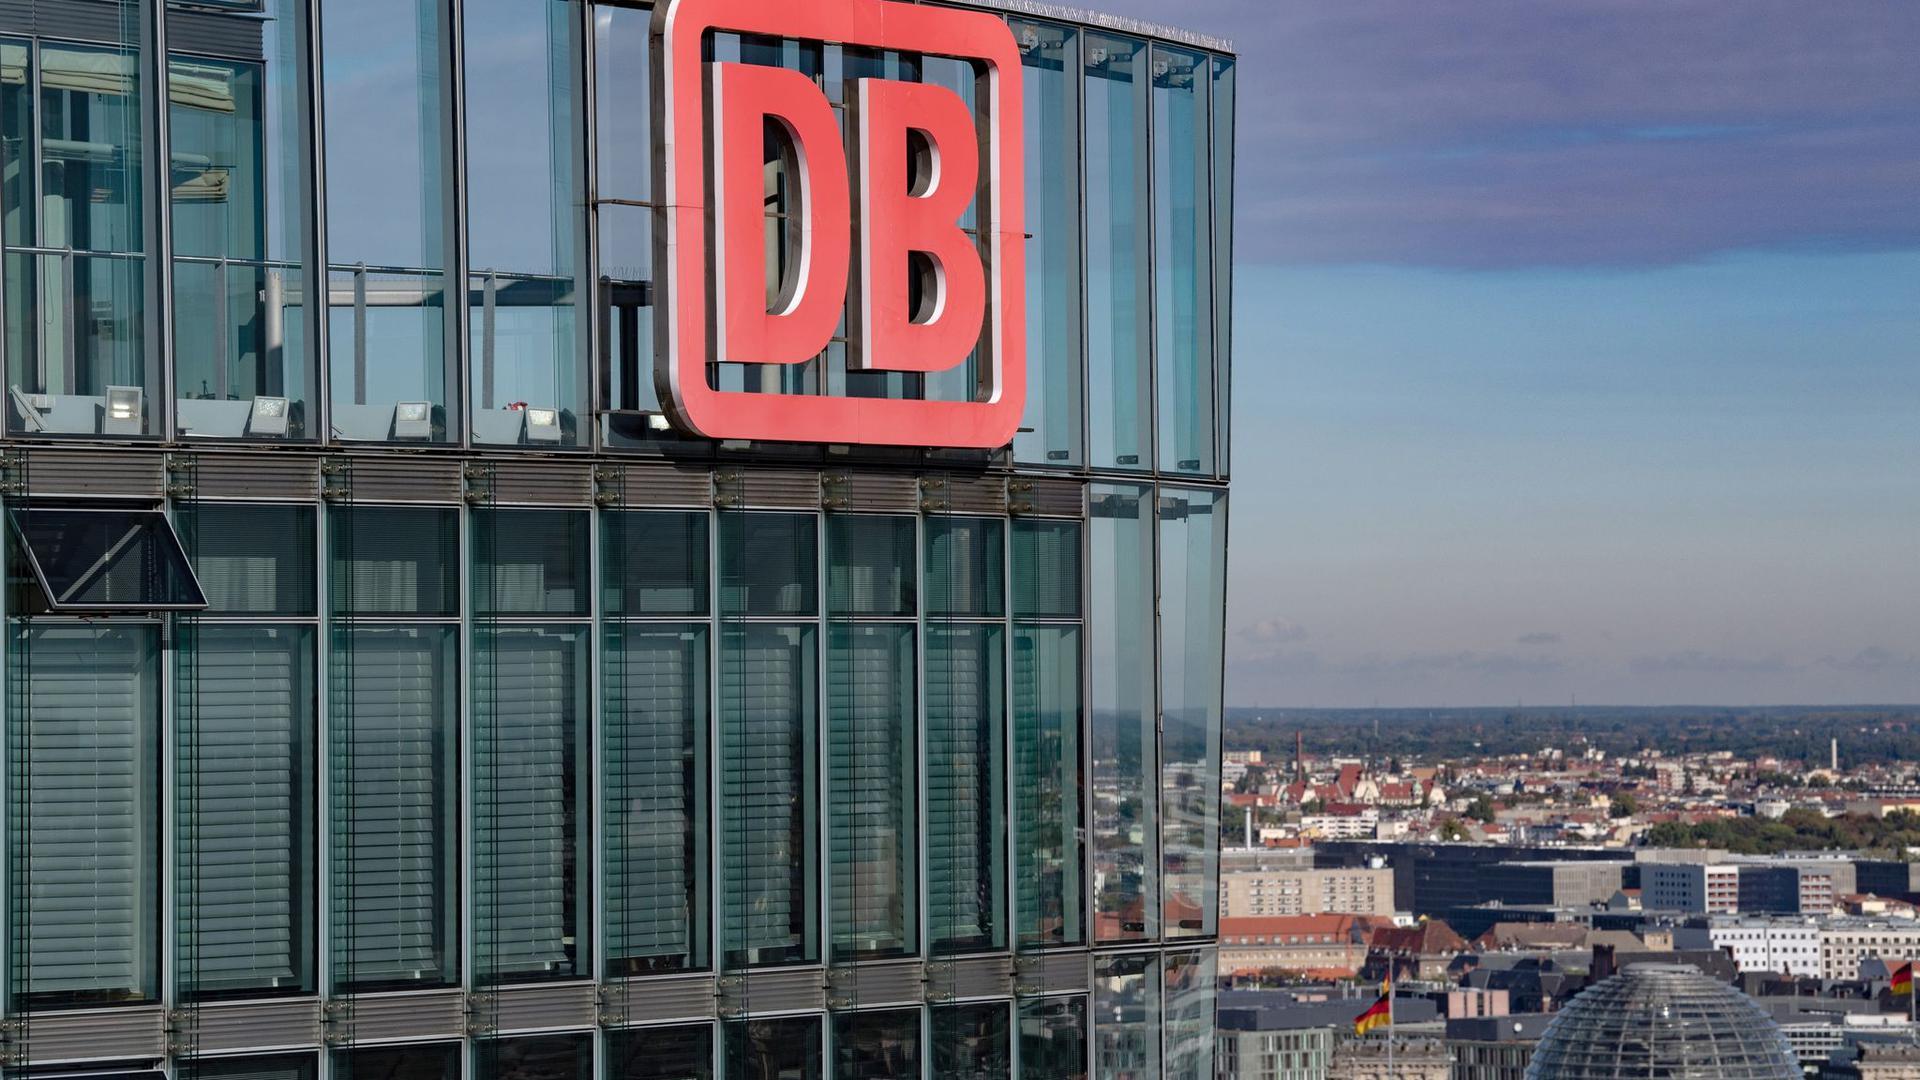 Blauer Himmel über der Zentrale der Deutschen Bahn (DB) am Potsdamer Platz in Berlin.